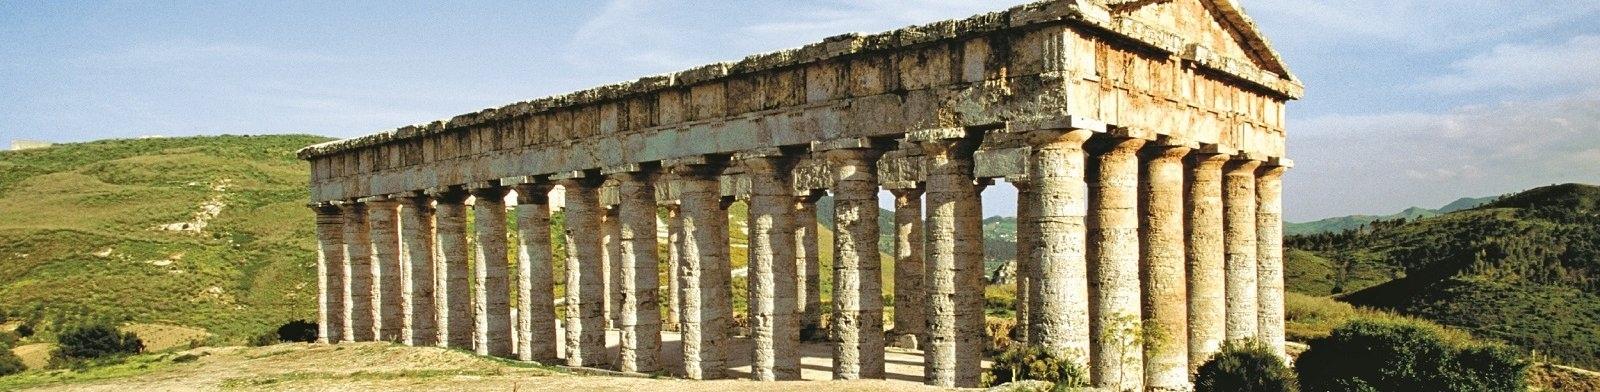 Segeste Temple